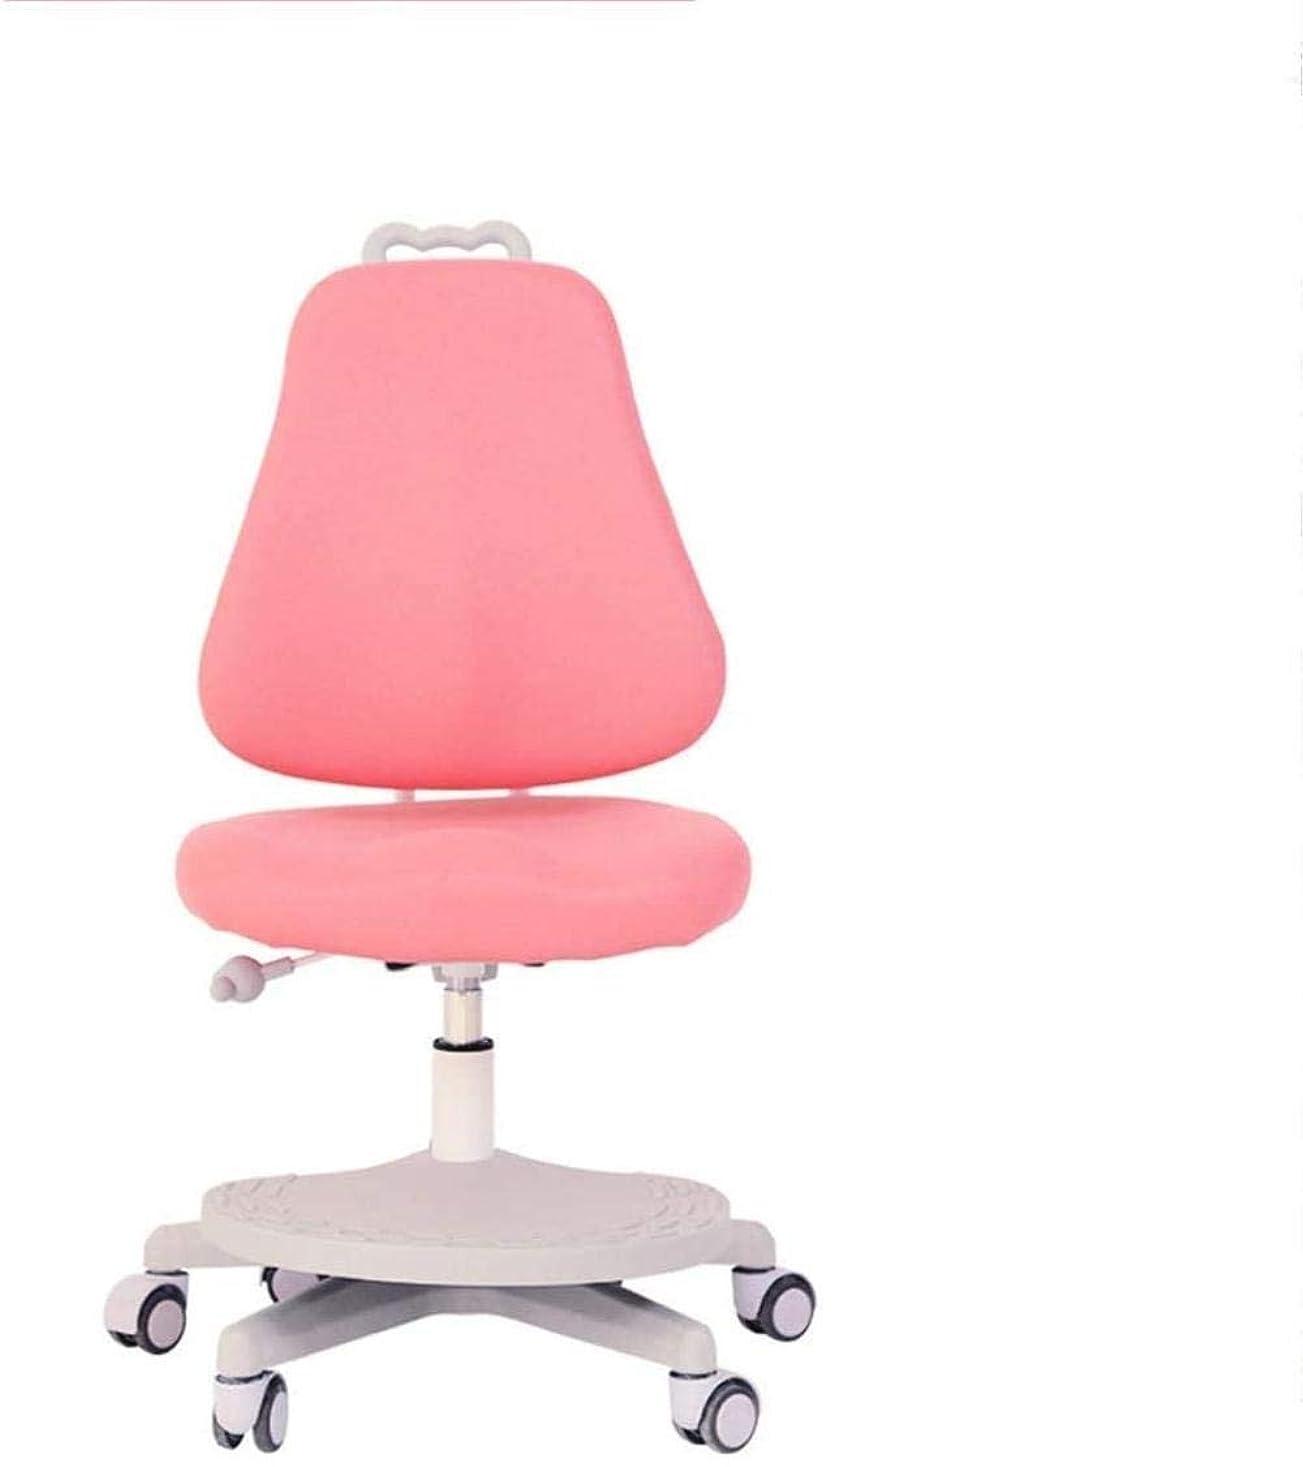 感情浸漬潜在的な是正椅子昇降座り姿勢矯正チェア学習チェアホームコンピュータのデスクチェア ひざまずく椅子